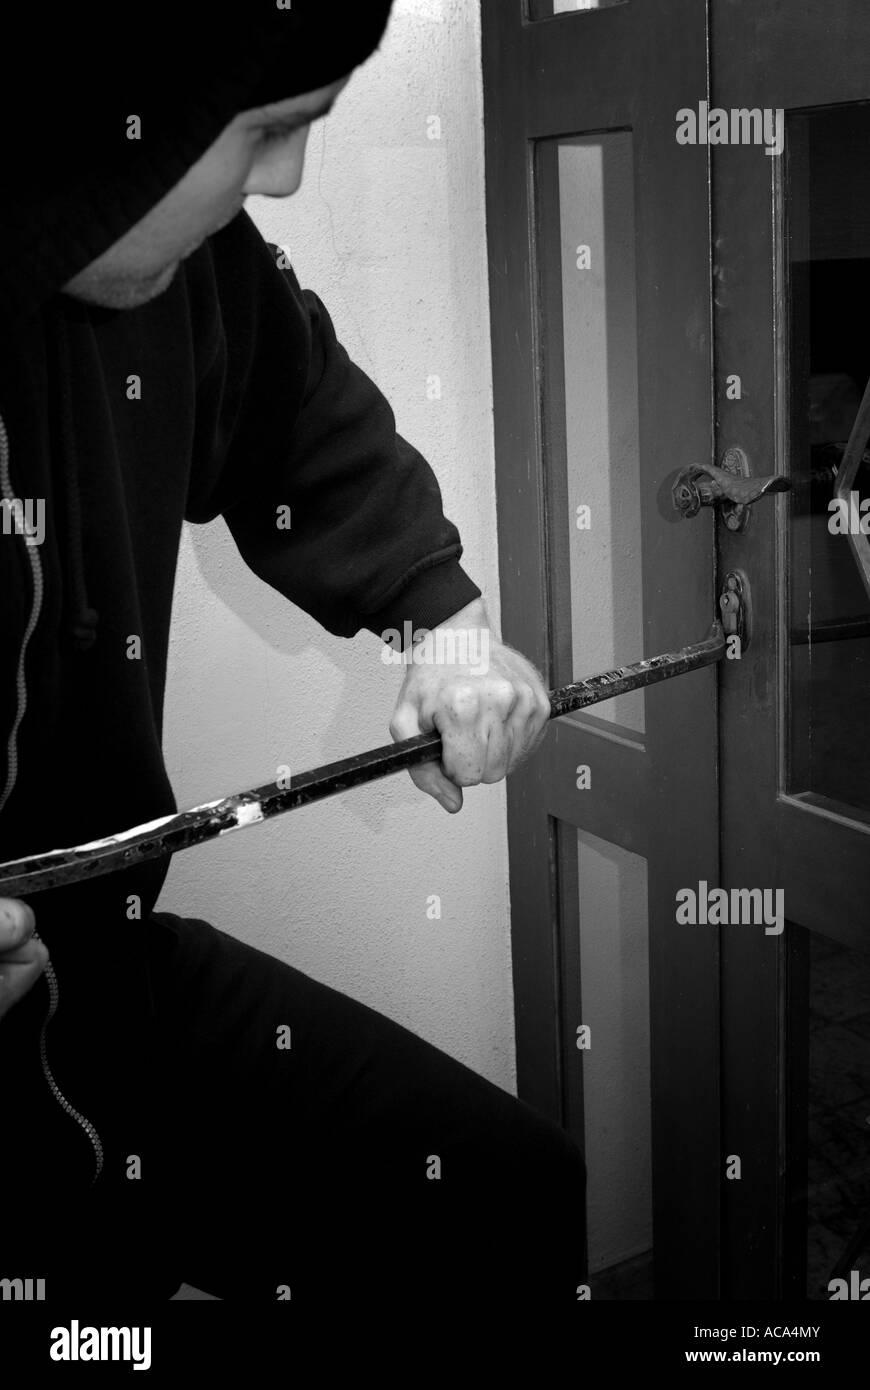 A burglar breaks open a door - Stock Image